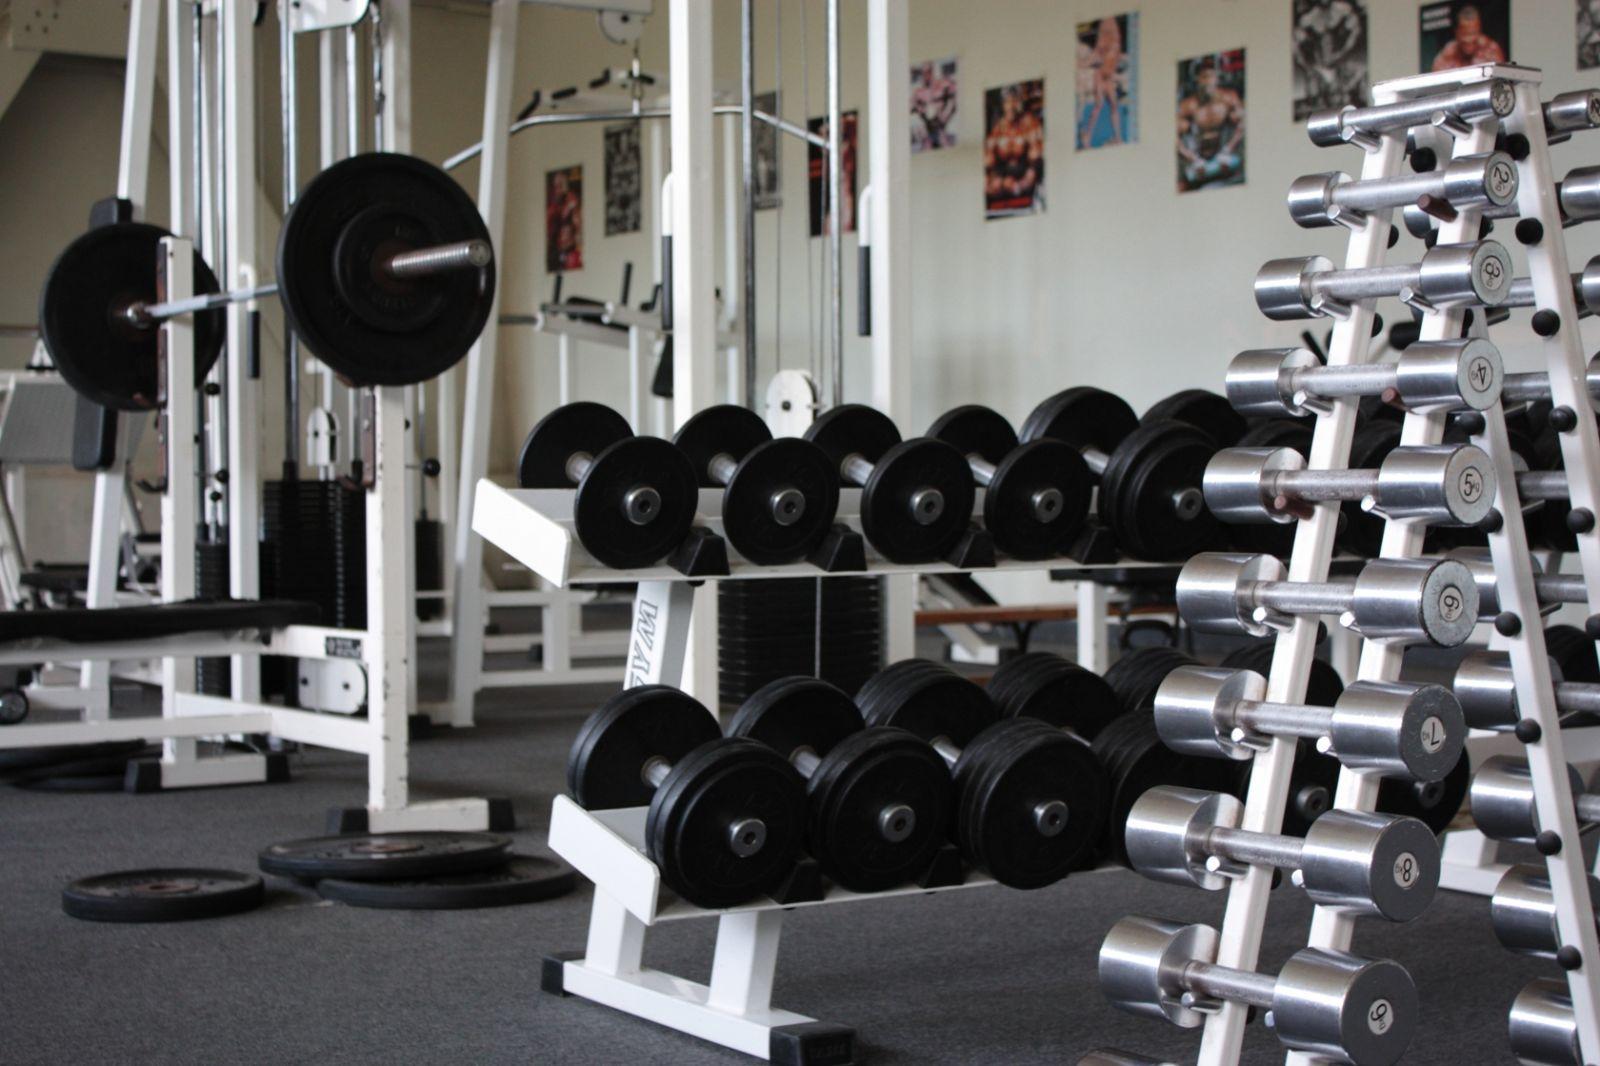 Сосут в спортзале 23 фотография